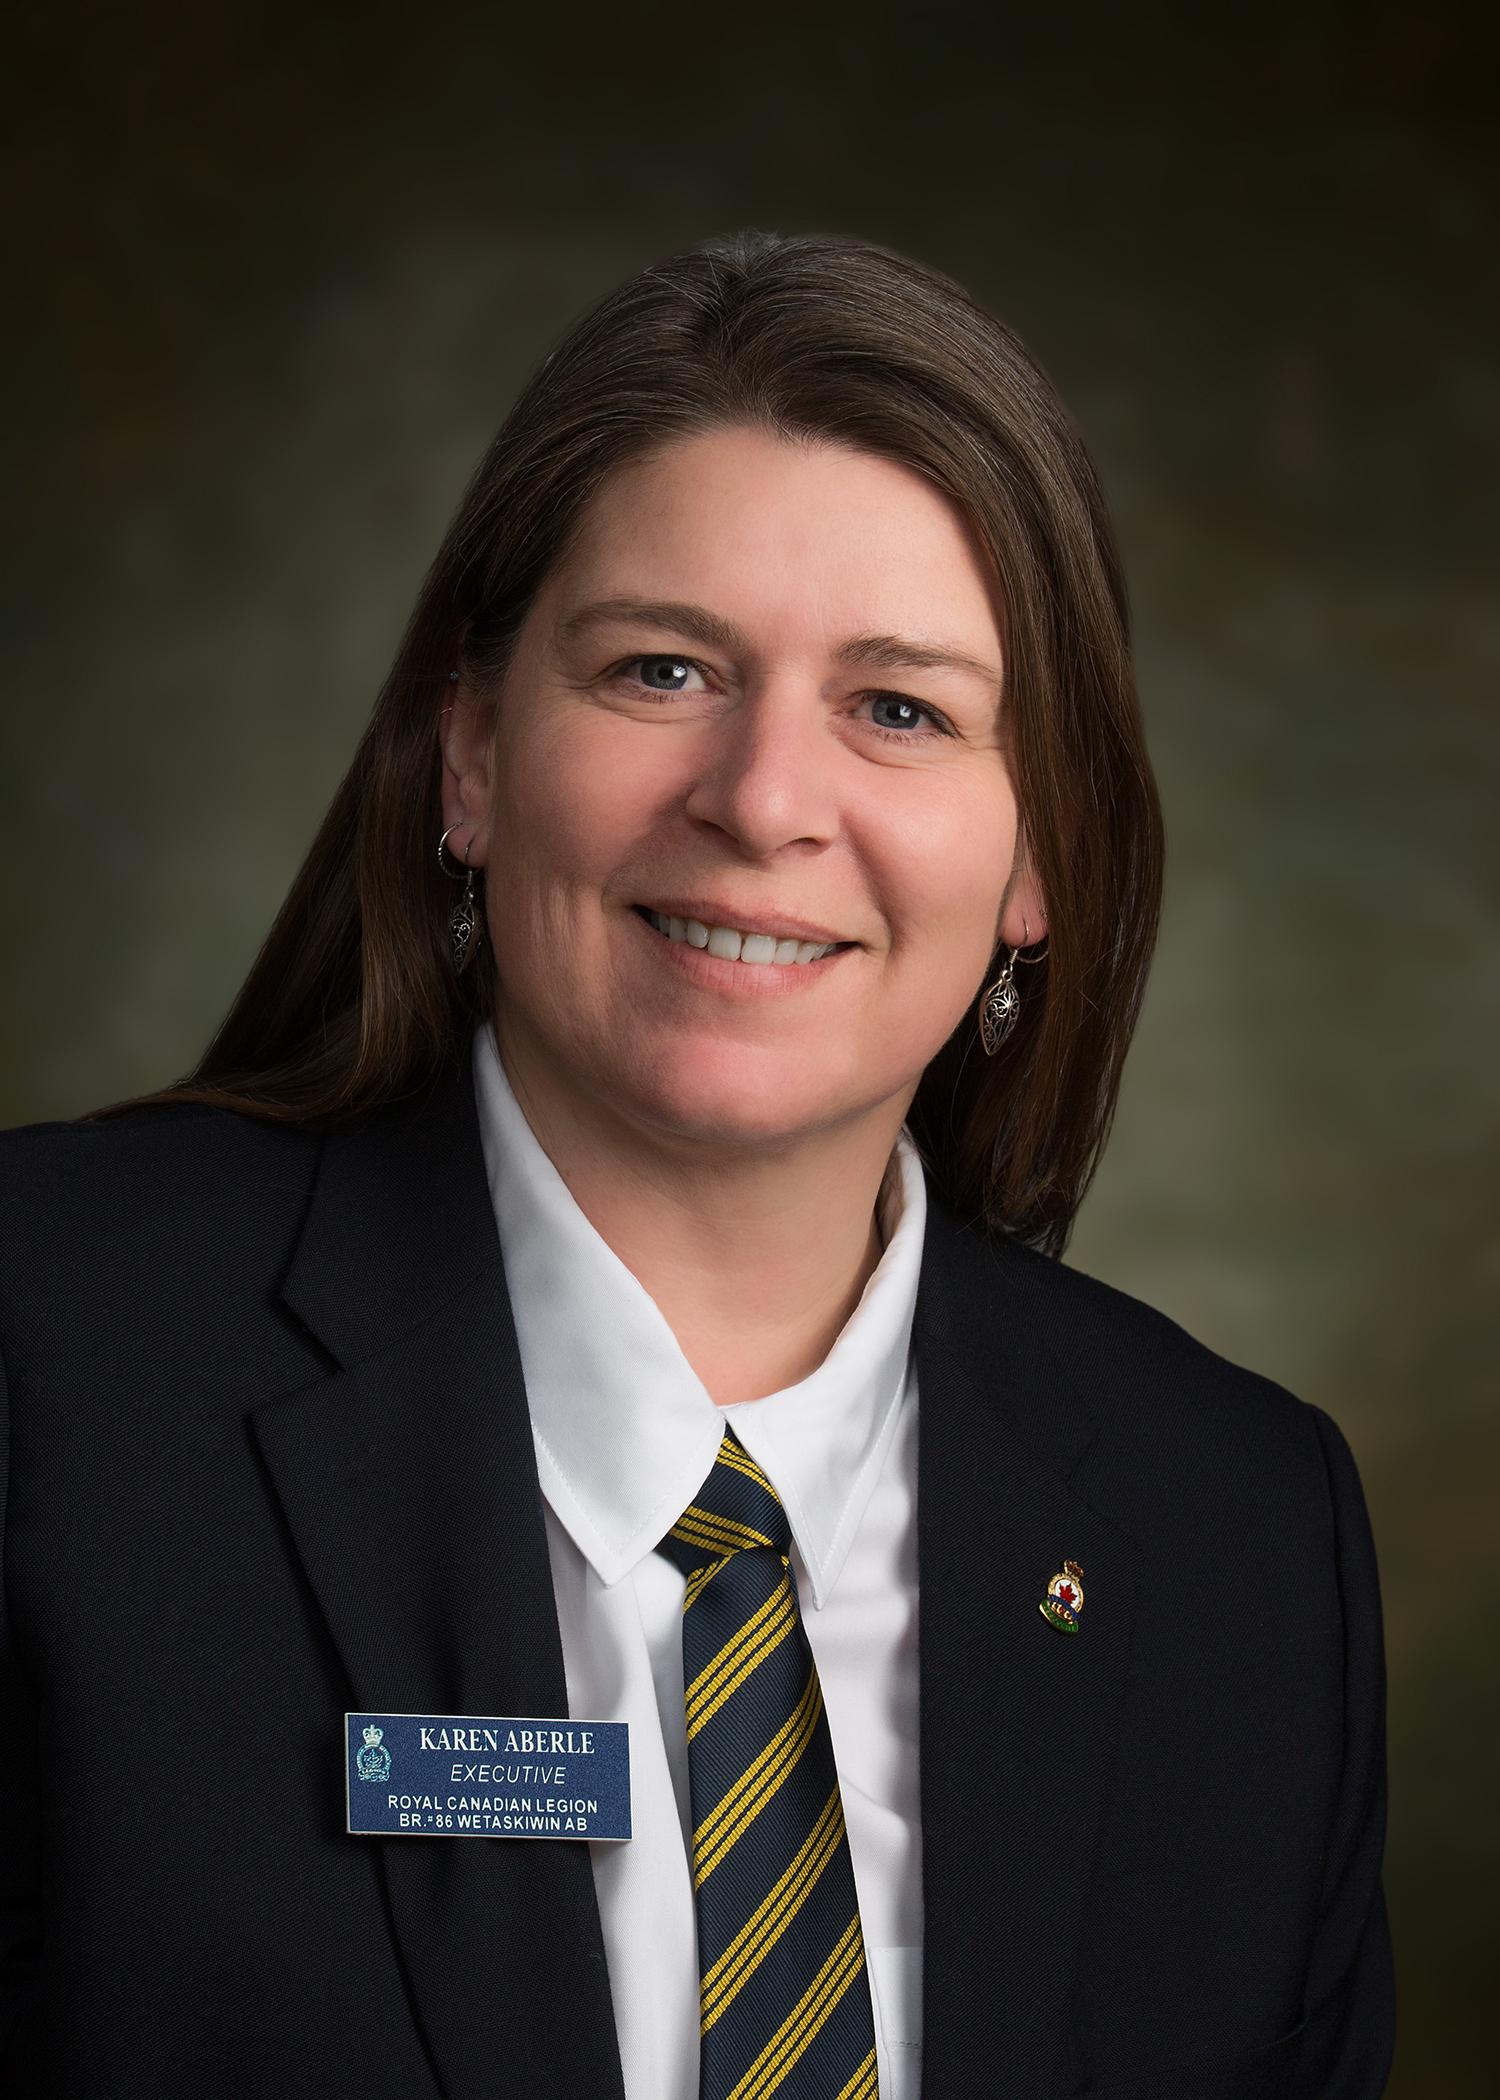 Education & Publicity  - Karen Aberle